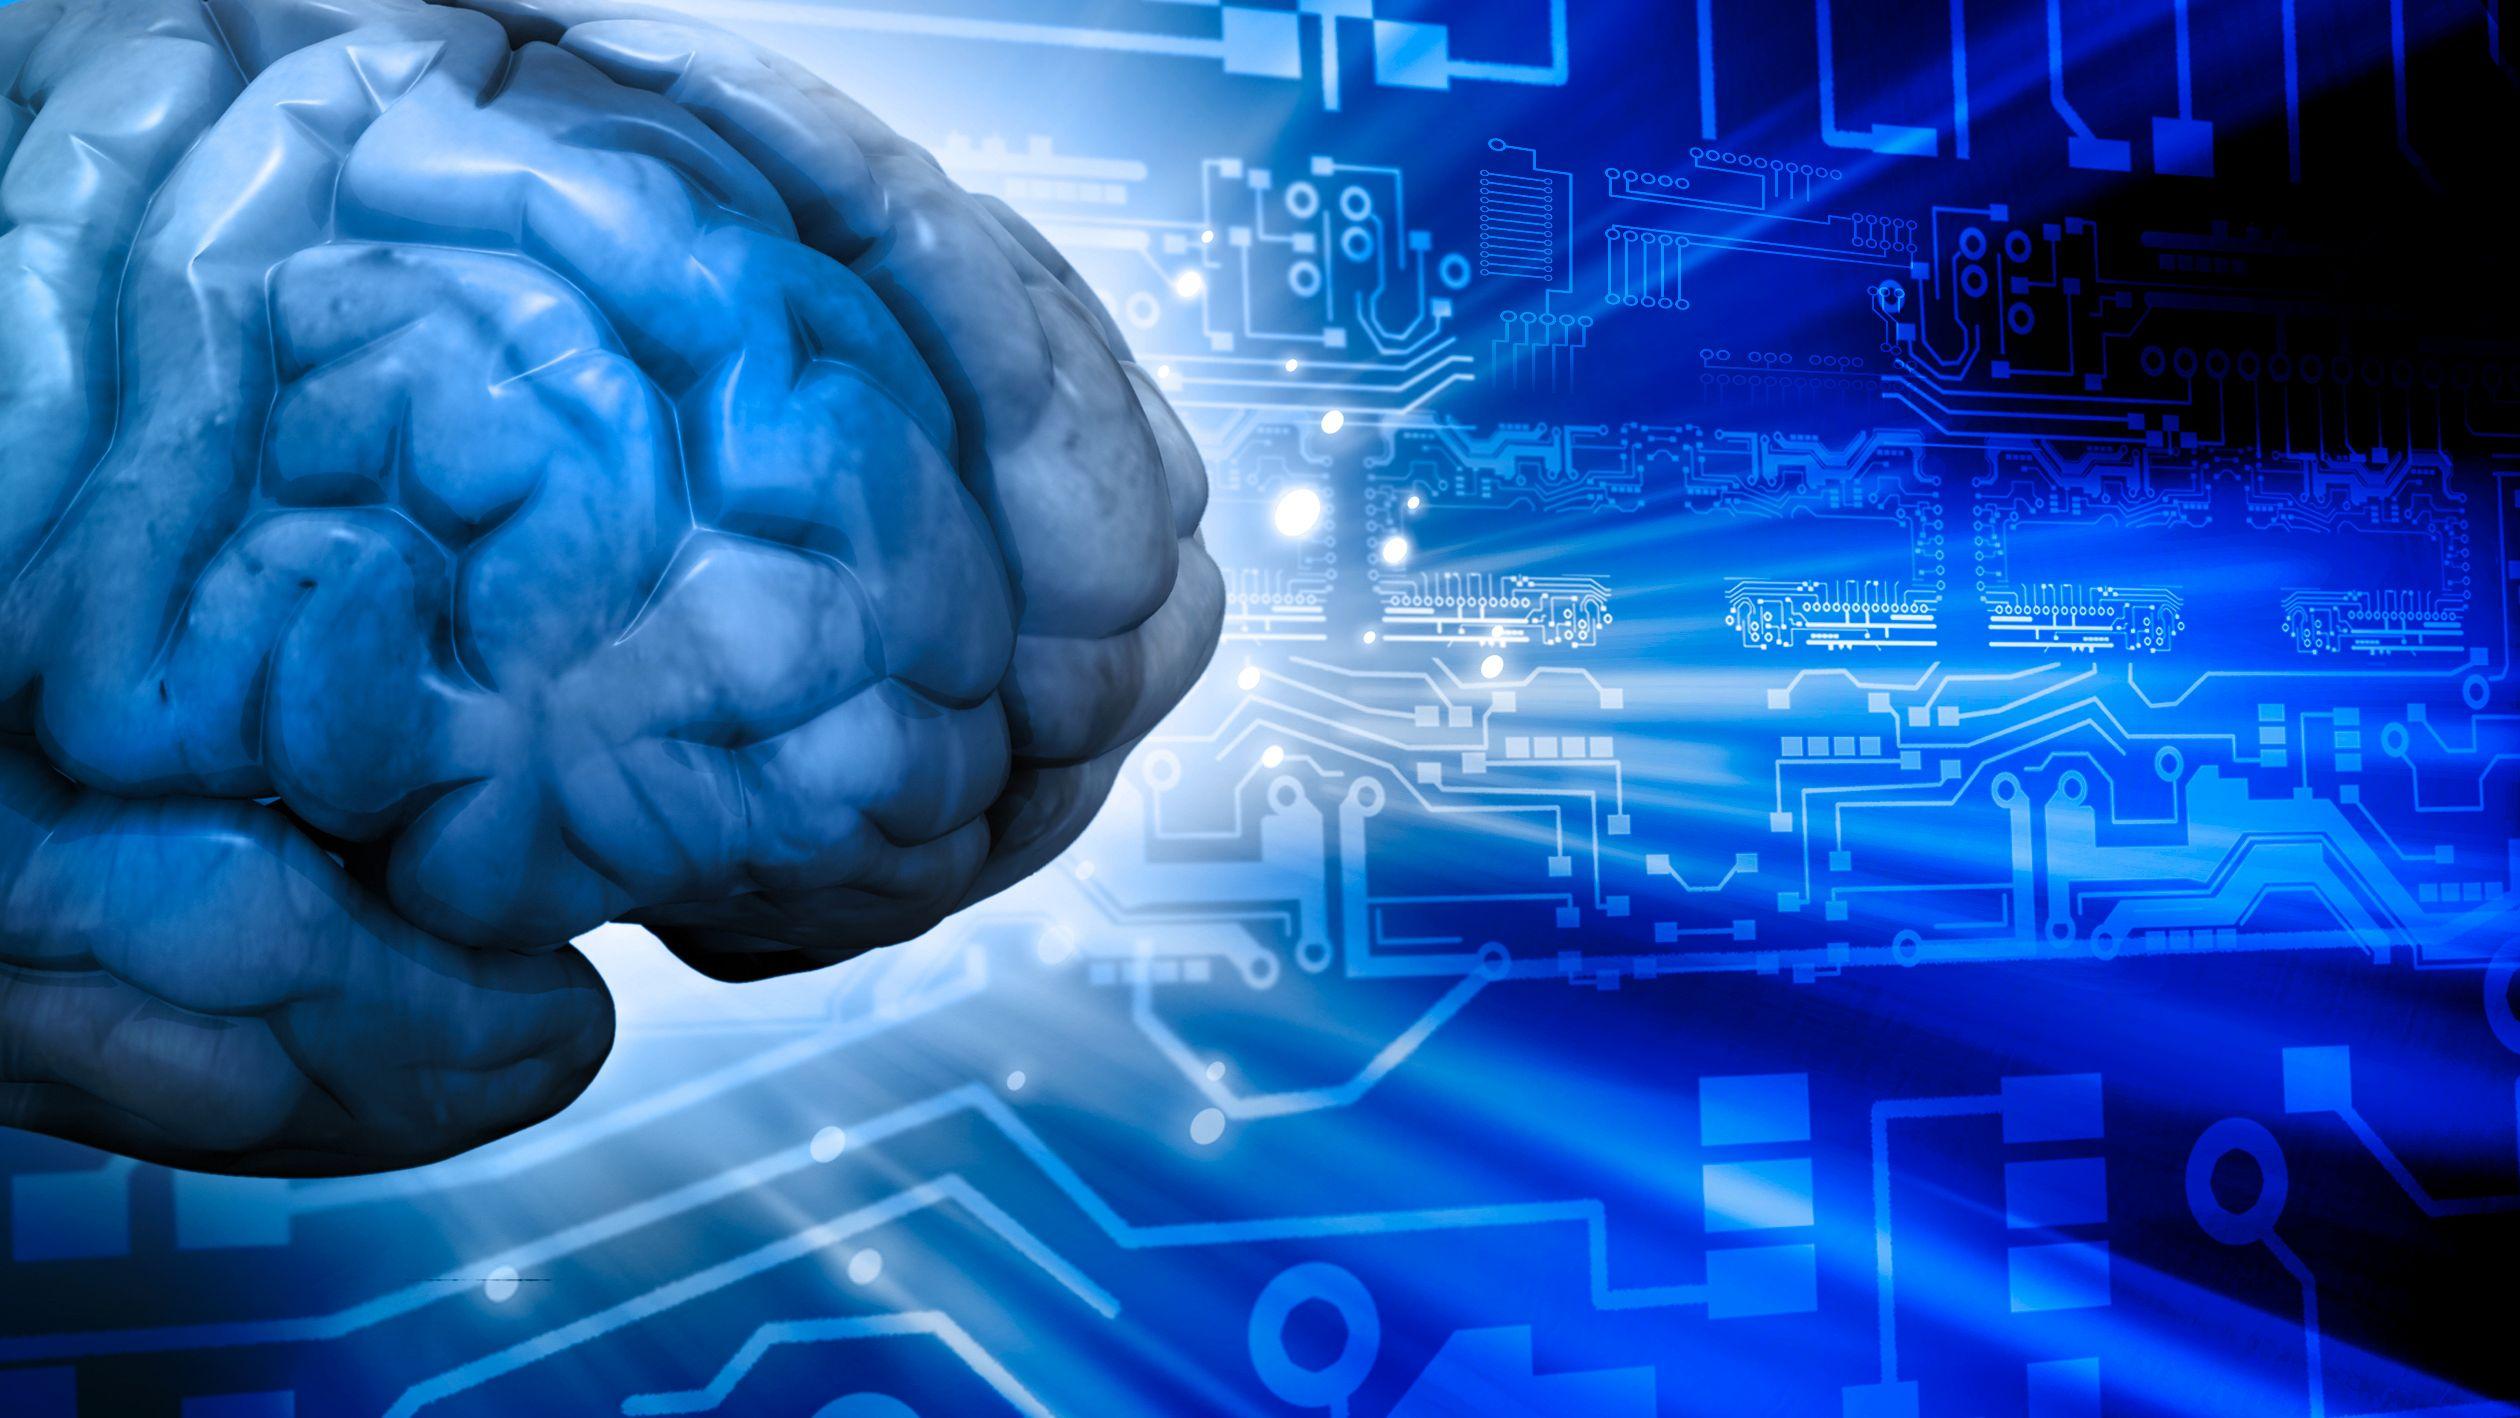 Intels nye prosessorplattform skal gjøre kunstig intelligens mye mer avansert